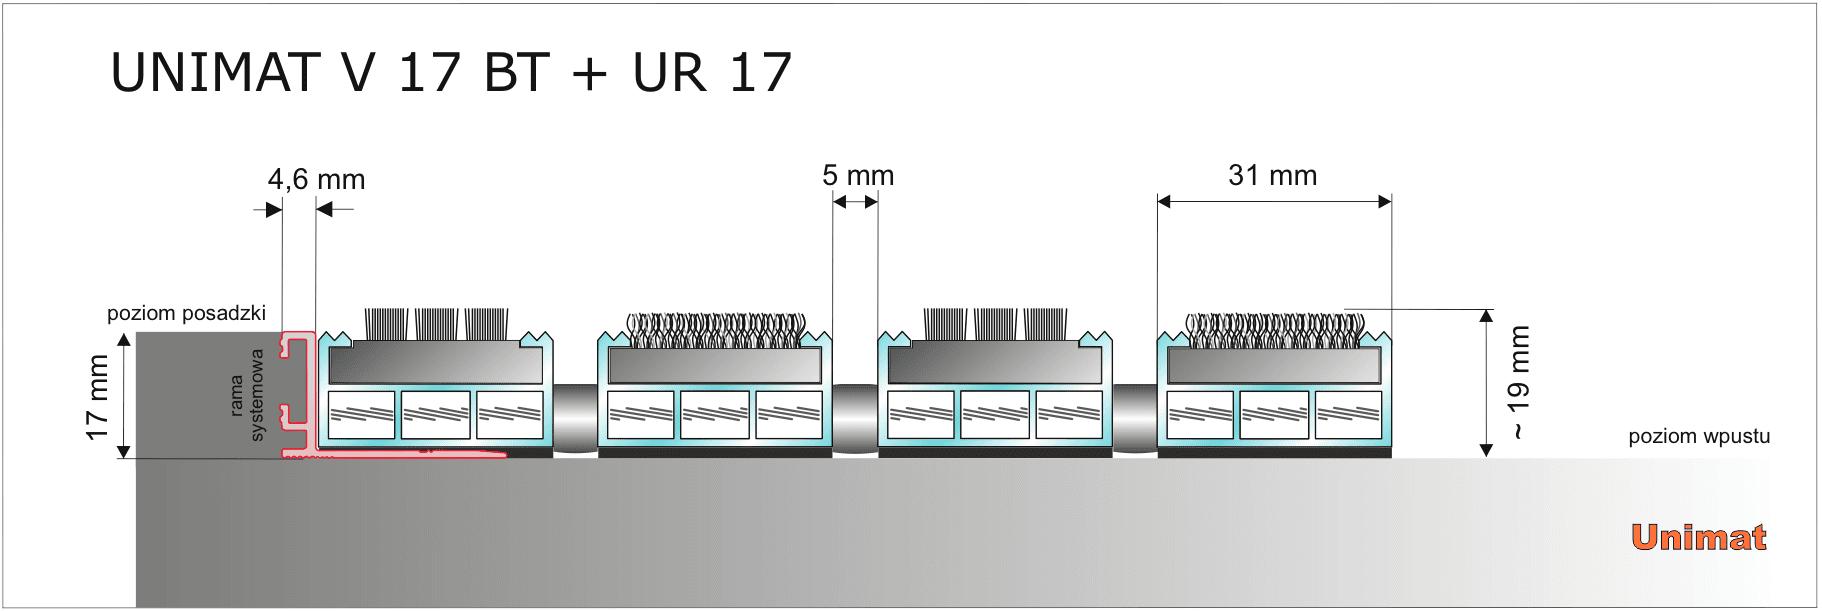 Unimat V 17 BT + UR 17.png